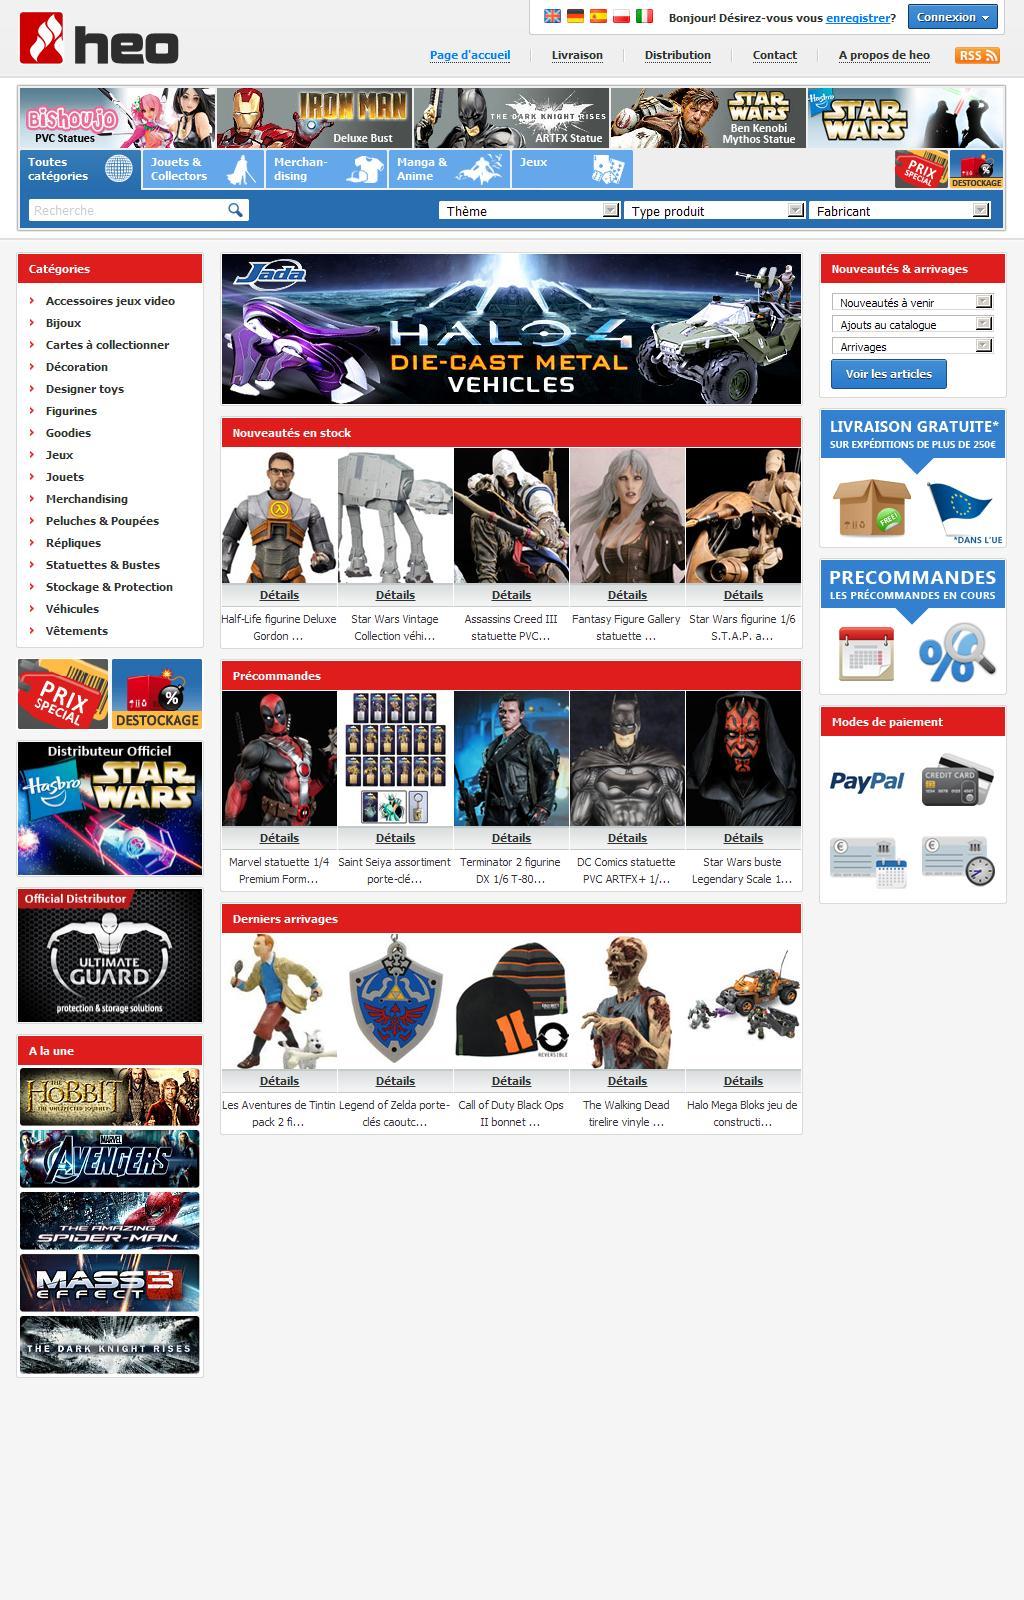 heo - distributeur & grossiste en merchandising, figurines, statues, jouets, jeux, peluches, répliques et bijoux tirés des univers Cinema, TV, Comics, anime, musique et jeux vidéo